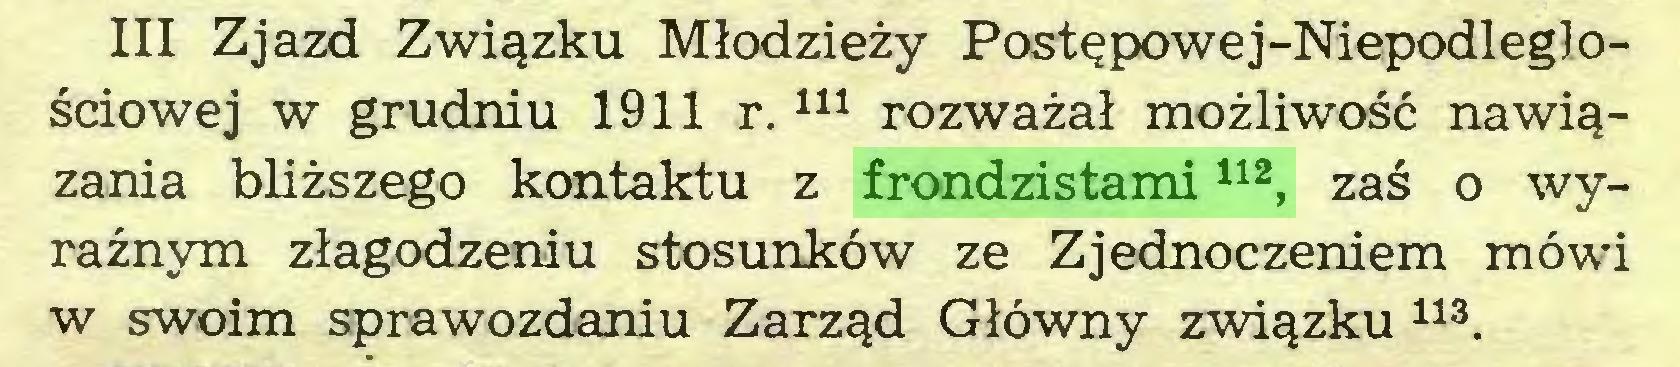 (...) III Zjazd Związku Młodzieży Postępowe j-Niepodległościowej w grudniu 1911 r.111 rozważał możliwość nawiązania bliższego kontaktu z frondzistami112, zaś o wyraźnym złagodzeniu stosunków ze Zjednoczeniem mówi w swoim sprawozdaniu Zarząd Główny związku 113...